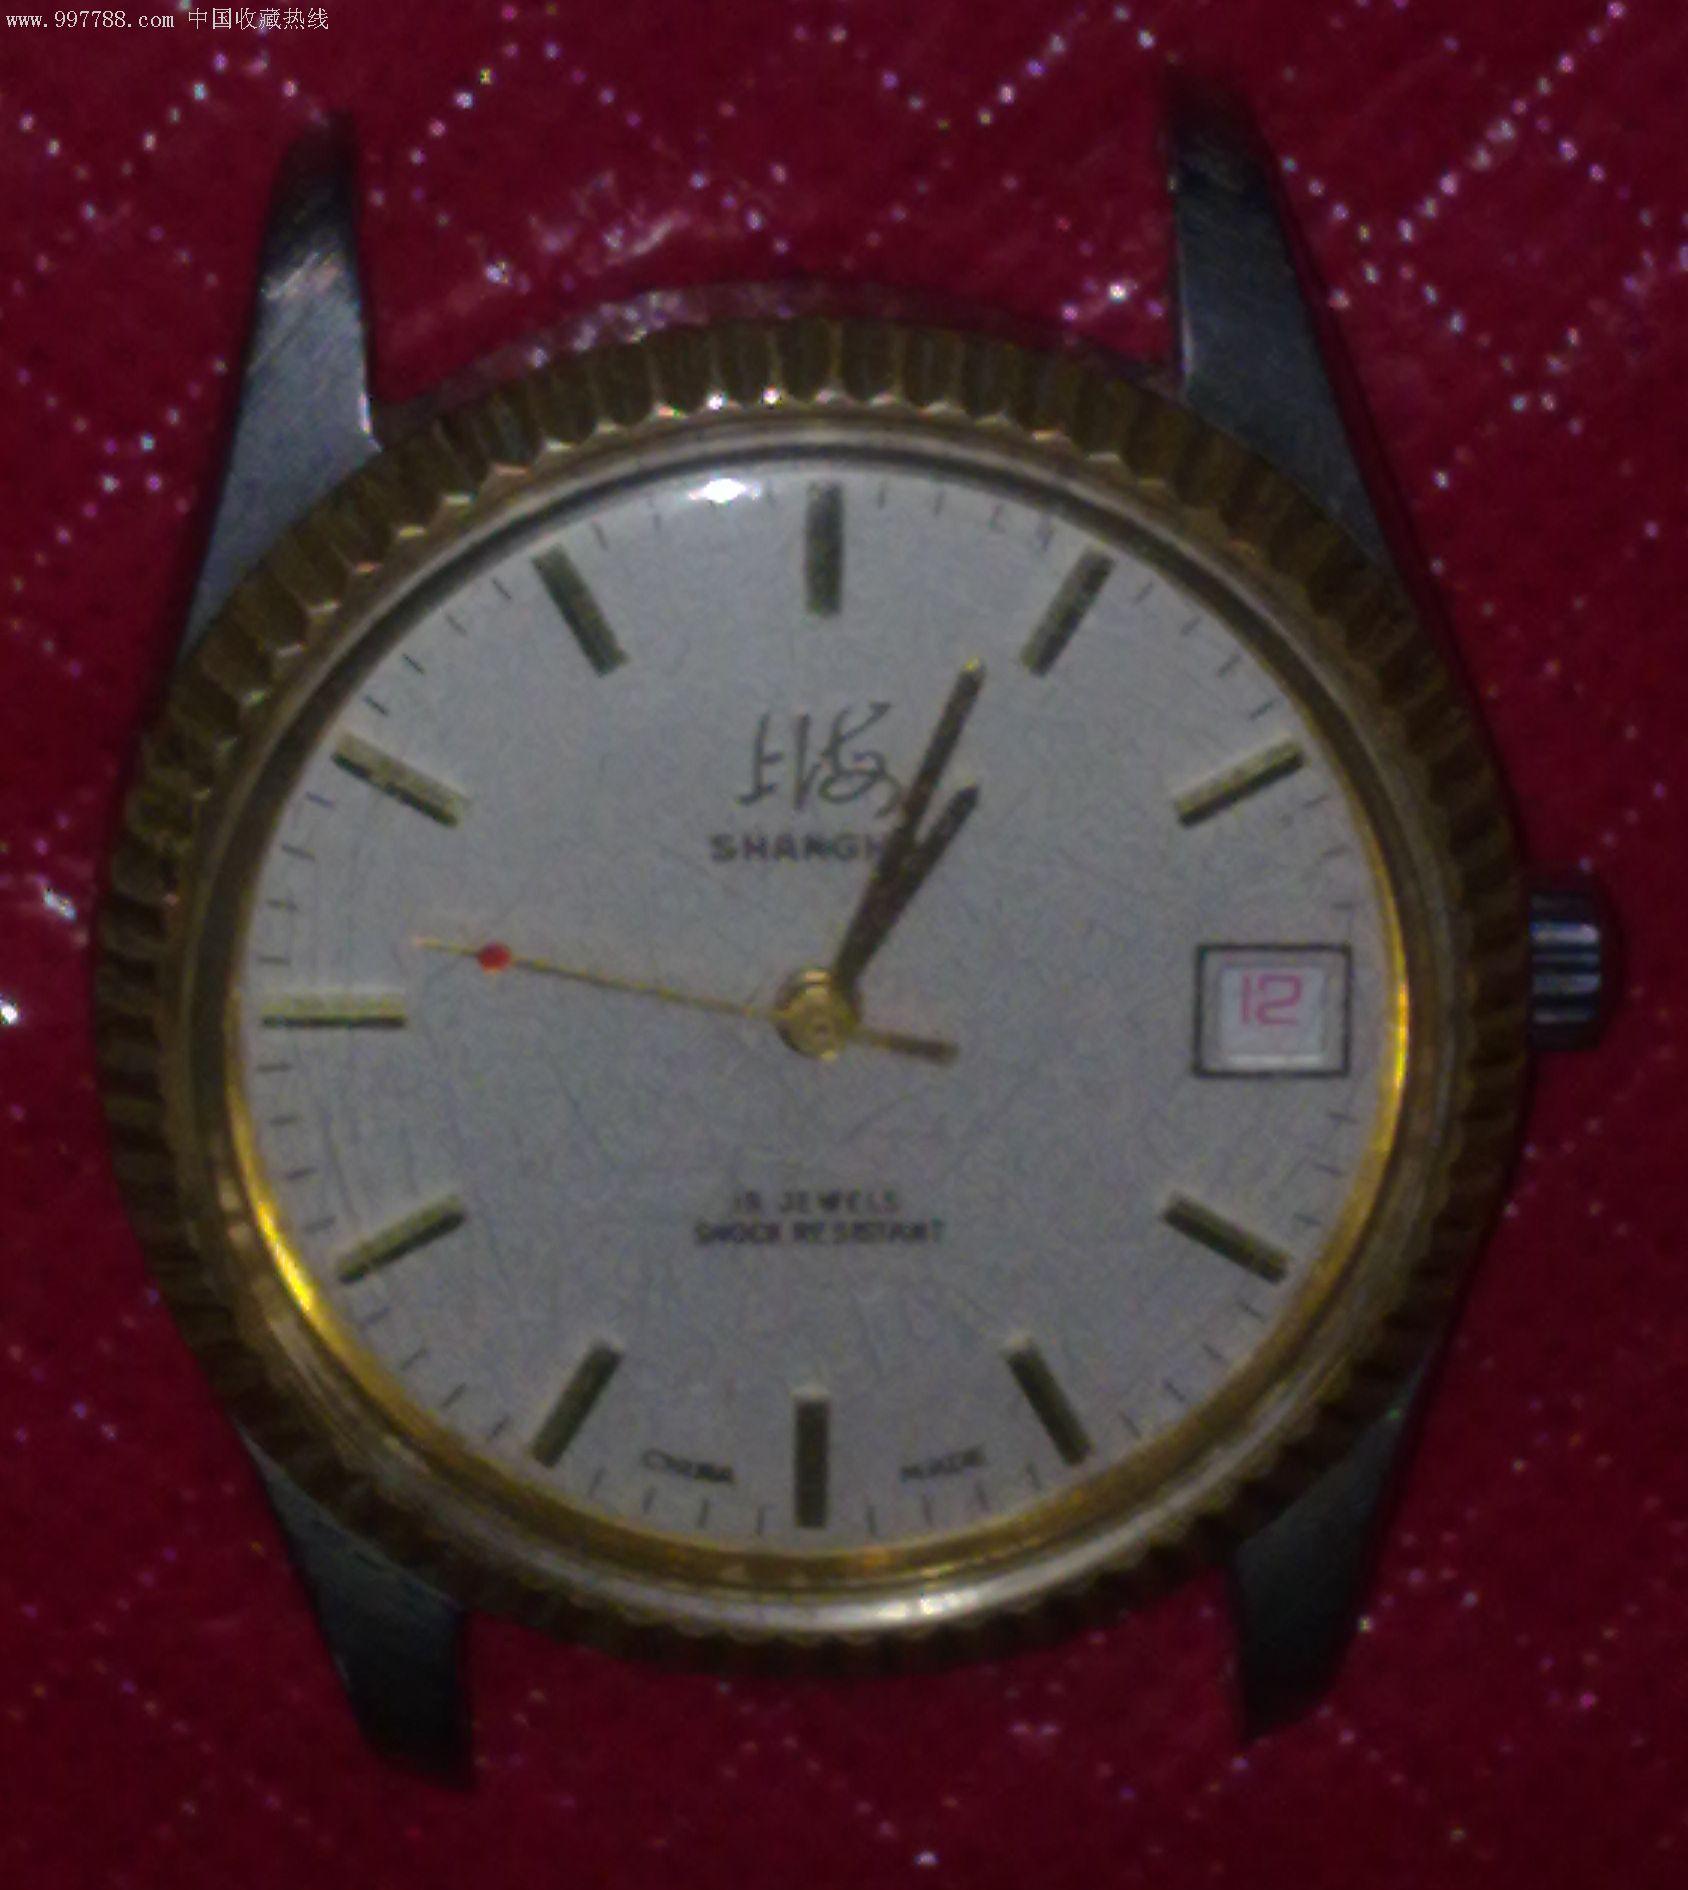 梅花手表需要怎样的保养? 修表之家